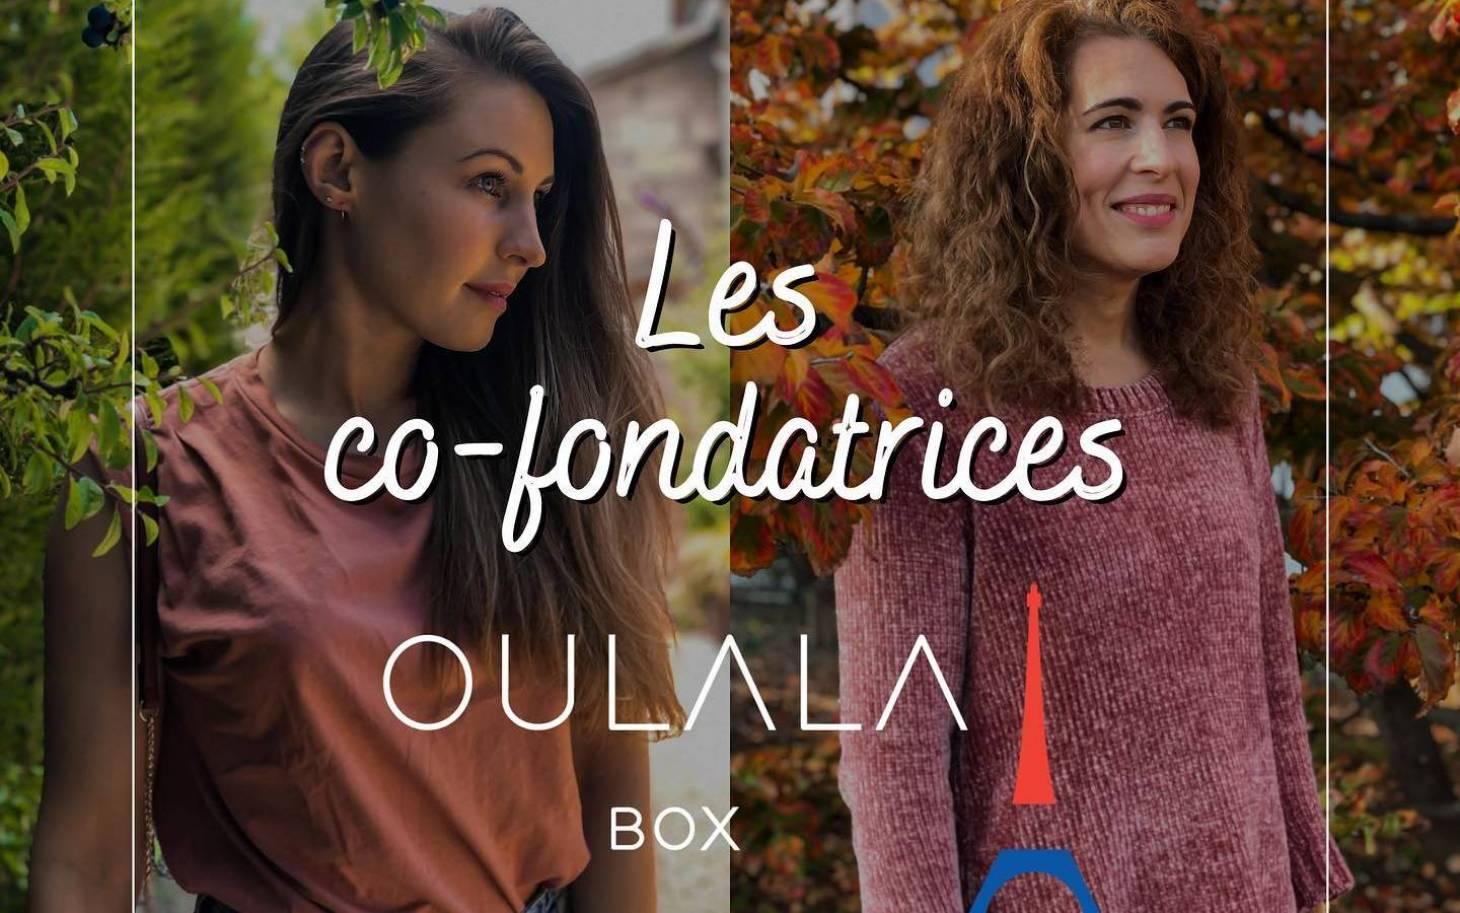 La startup Oulala Box en phase de décollage